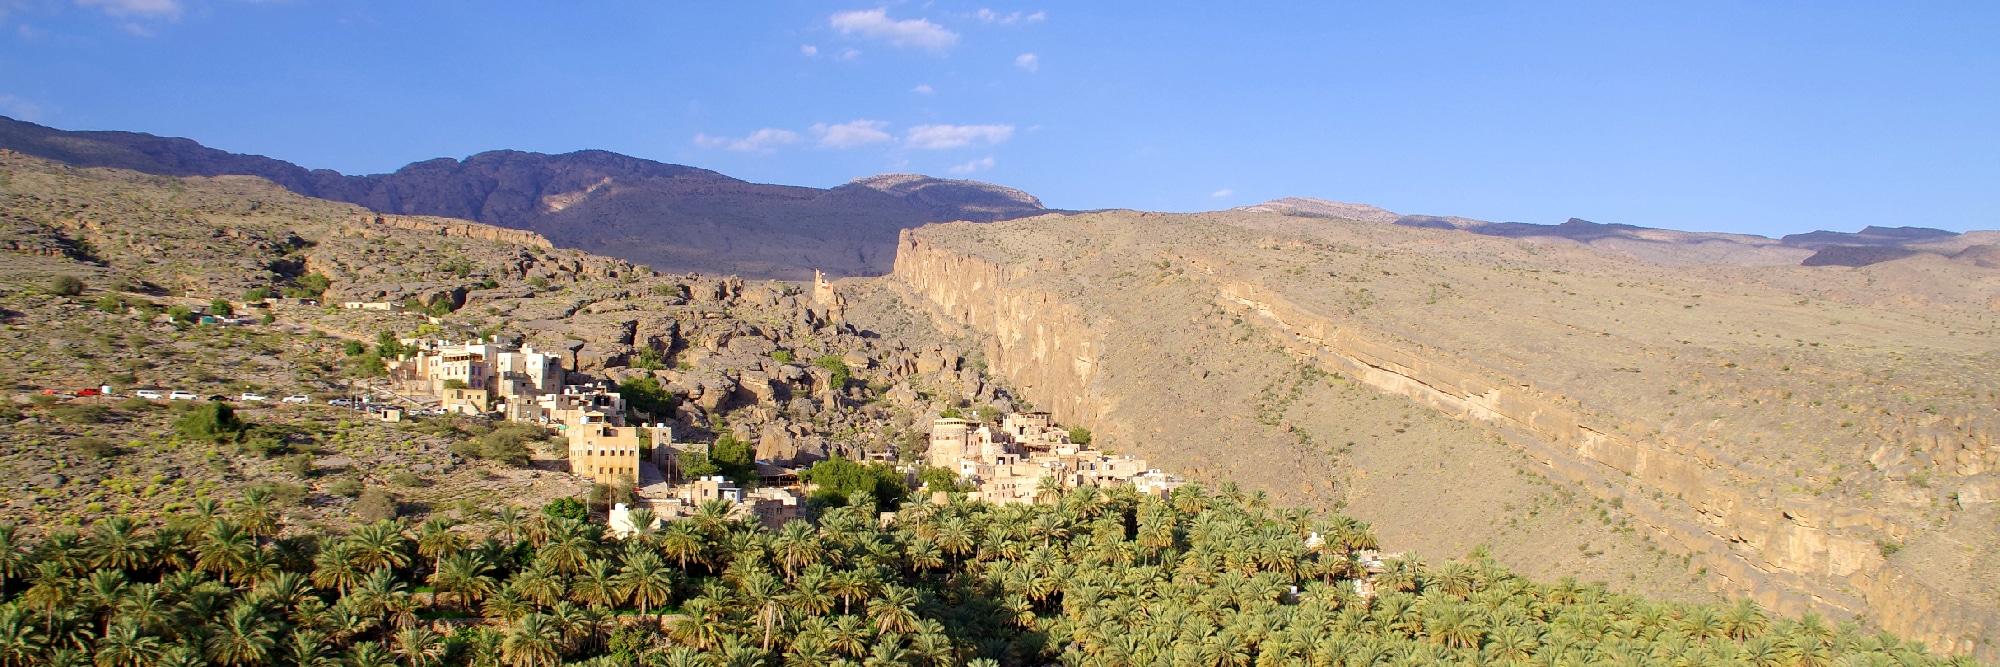 Le village de Misfat et sa palmeraie à ses pieds.